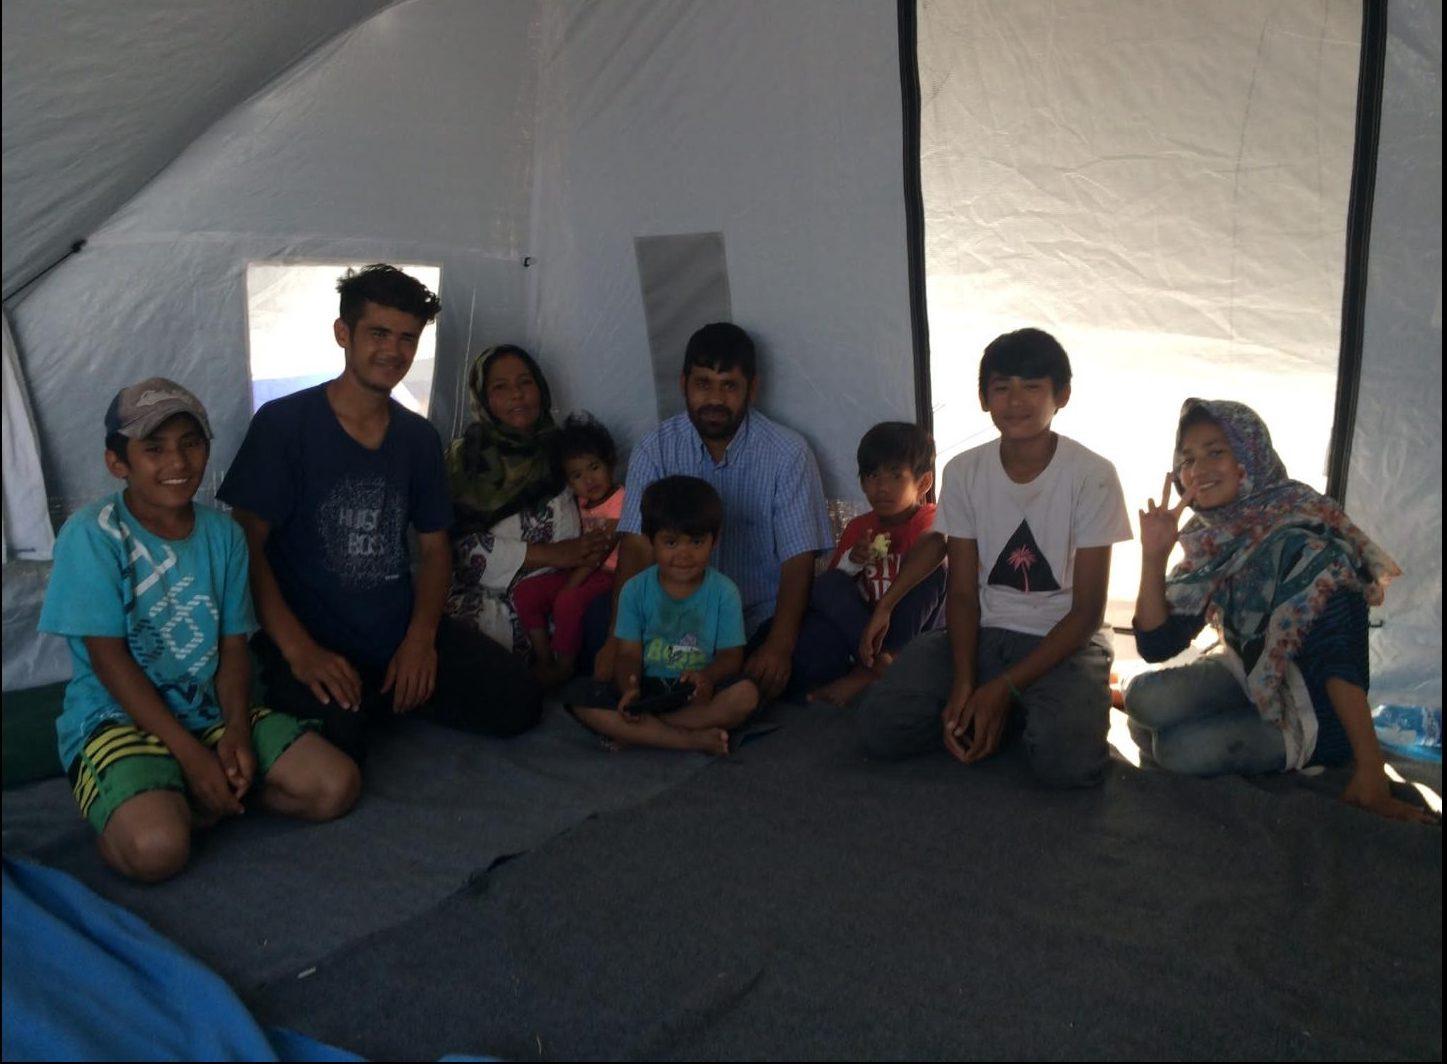 8. Bild: 9-köpfige Familie im Zelt. Die Personen lächeln.